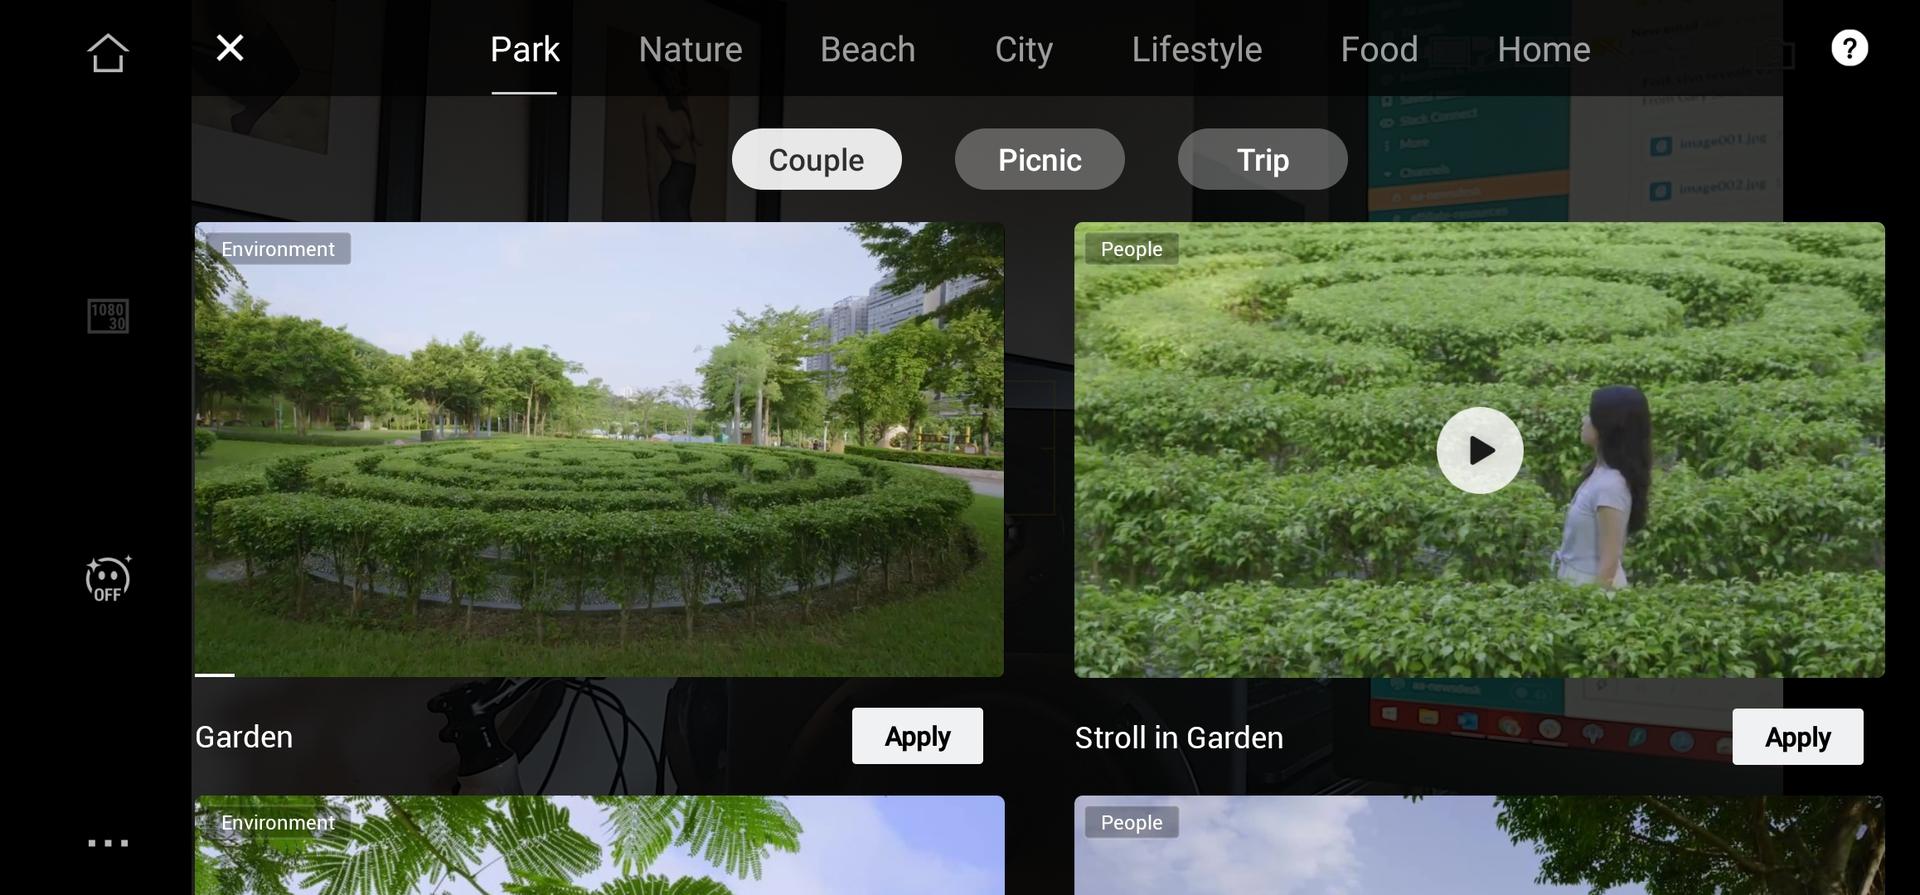 DJI Mimo Shot Guides Screenshot 4